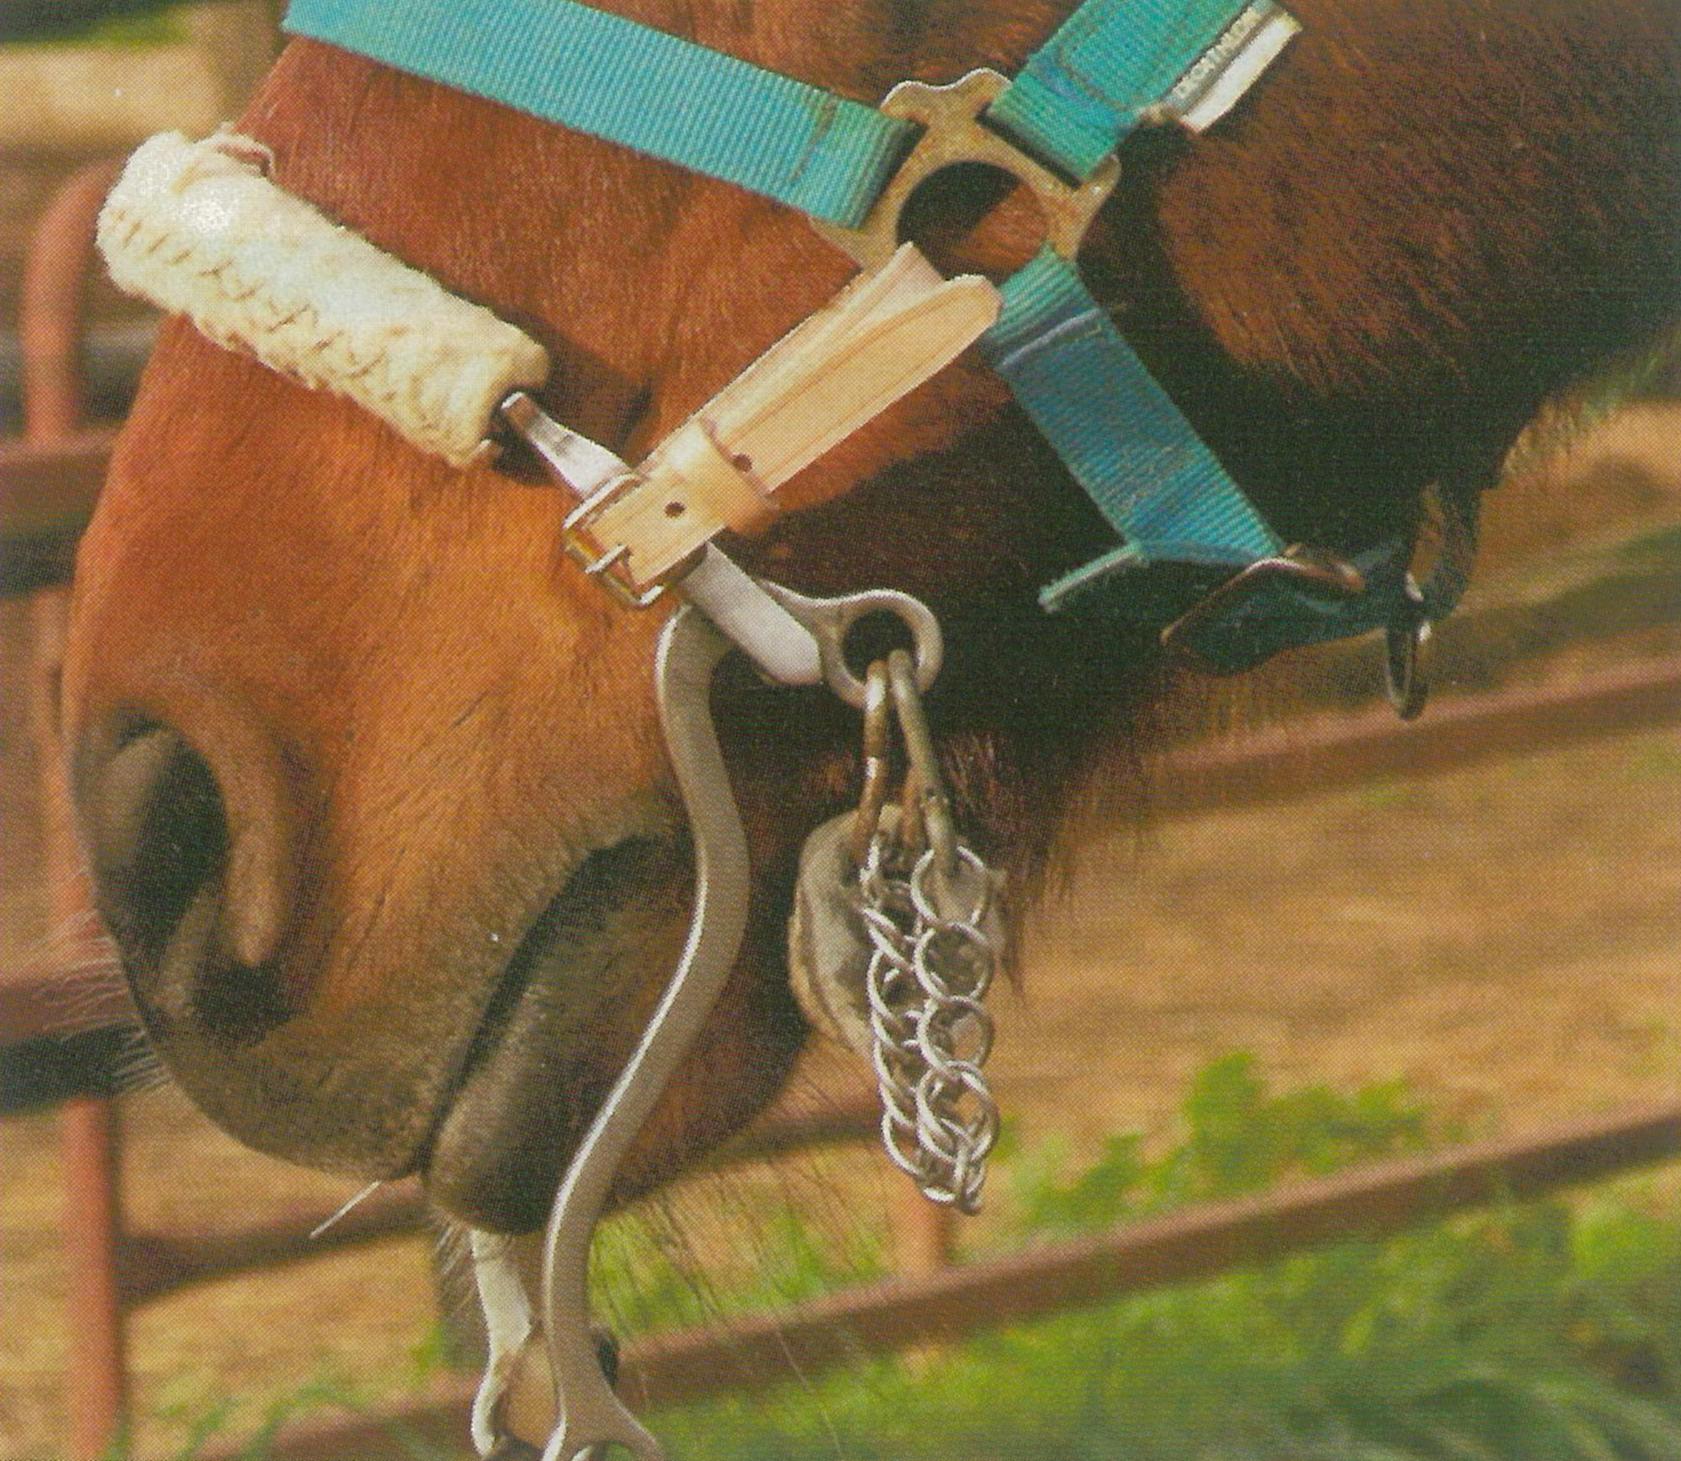 Convertir cabezada de cuadra en hackamore la colaga for Cabezadas para caballos